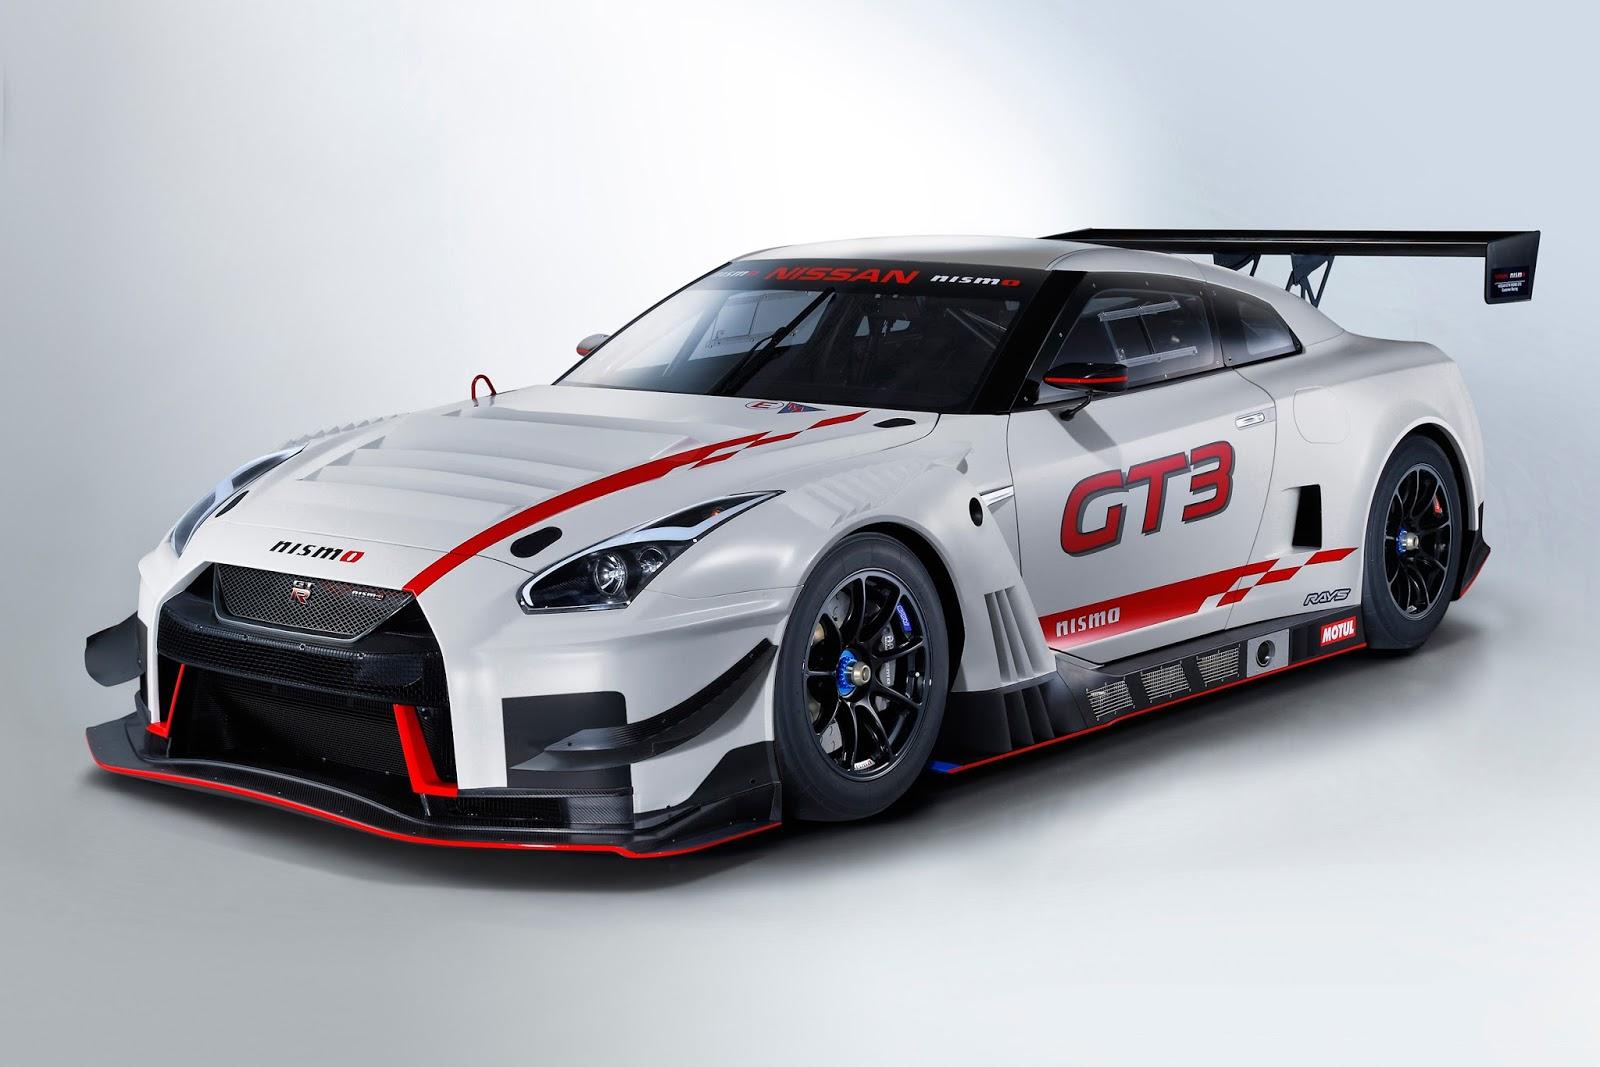 Η Nissan ανακοίνωσε το πλάνο της στον  μηχανοκίνητο αθλητισμό για το 2018